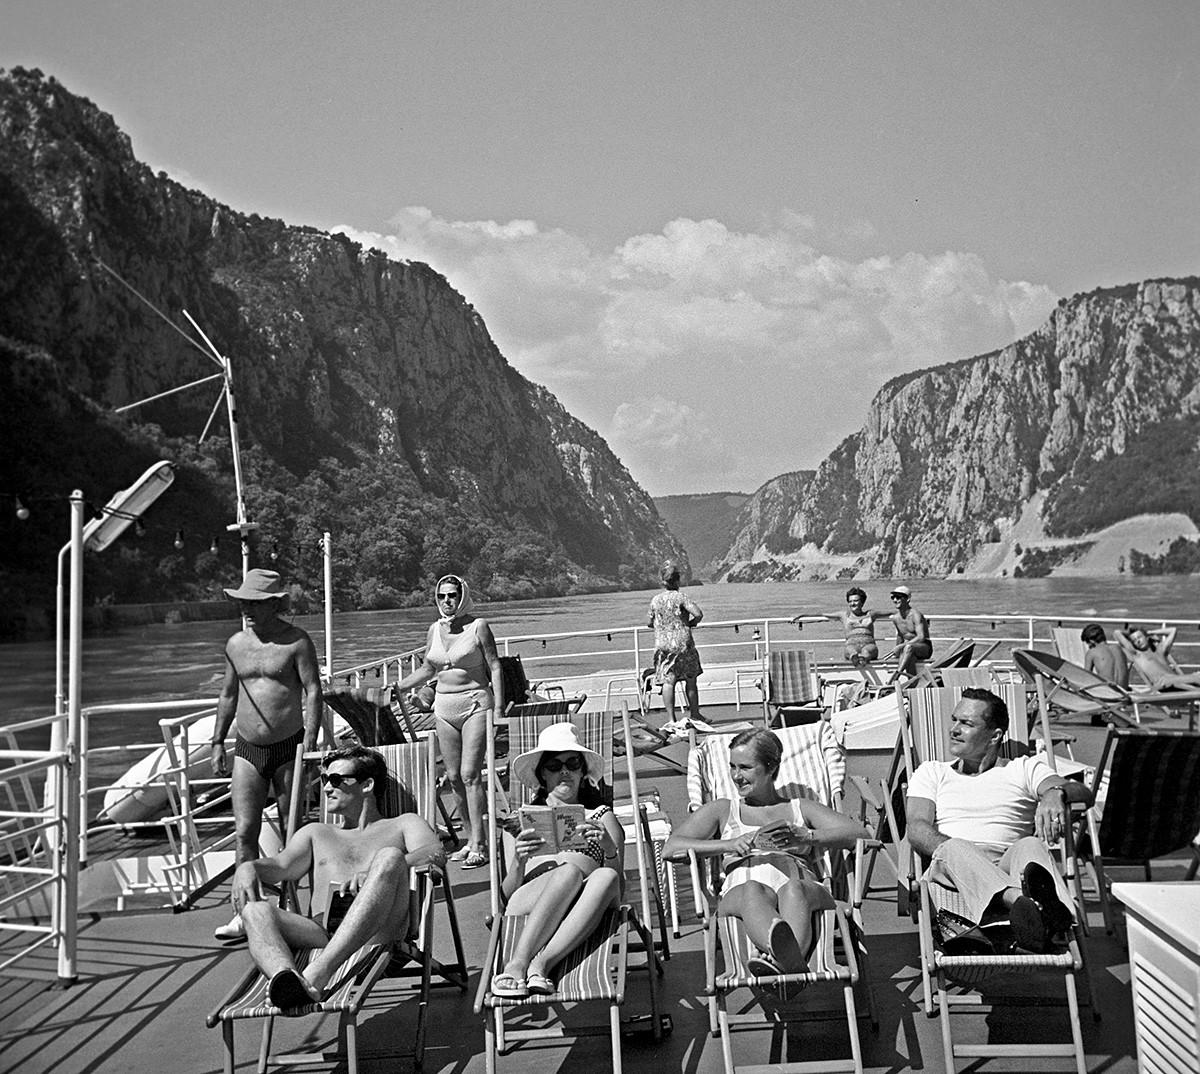 Туристи на палубата на кораба, докато плават по Дунав, 1969 г.